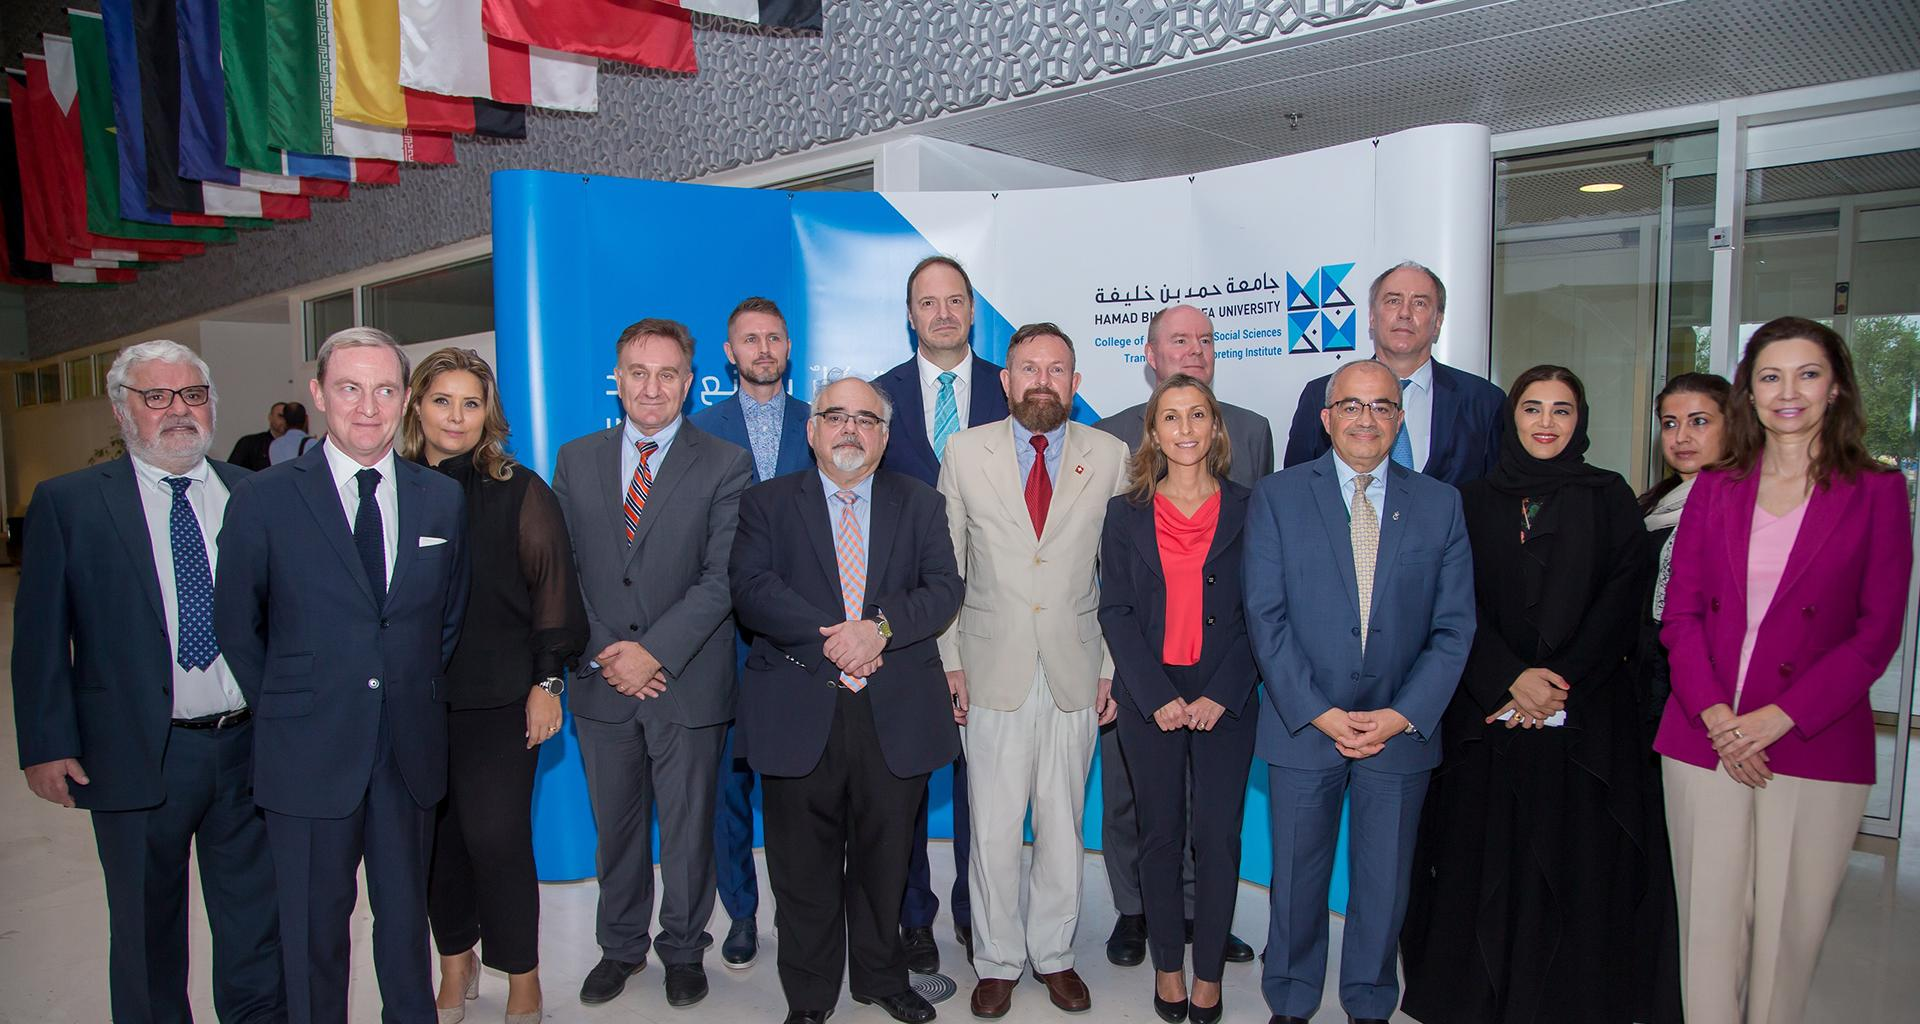 كلية العلوم الإنسانية والاجتماعية تحتفل باليوم الأوروبي للغات بحضور جمع من العاملين في السفارات الأوروبية بالدوحة